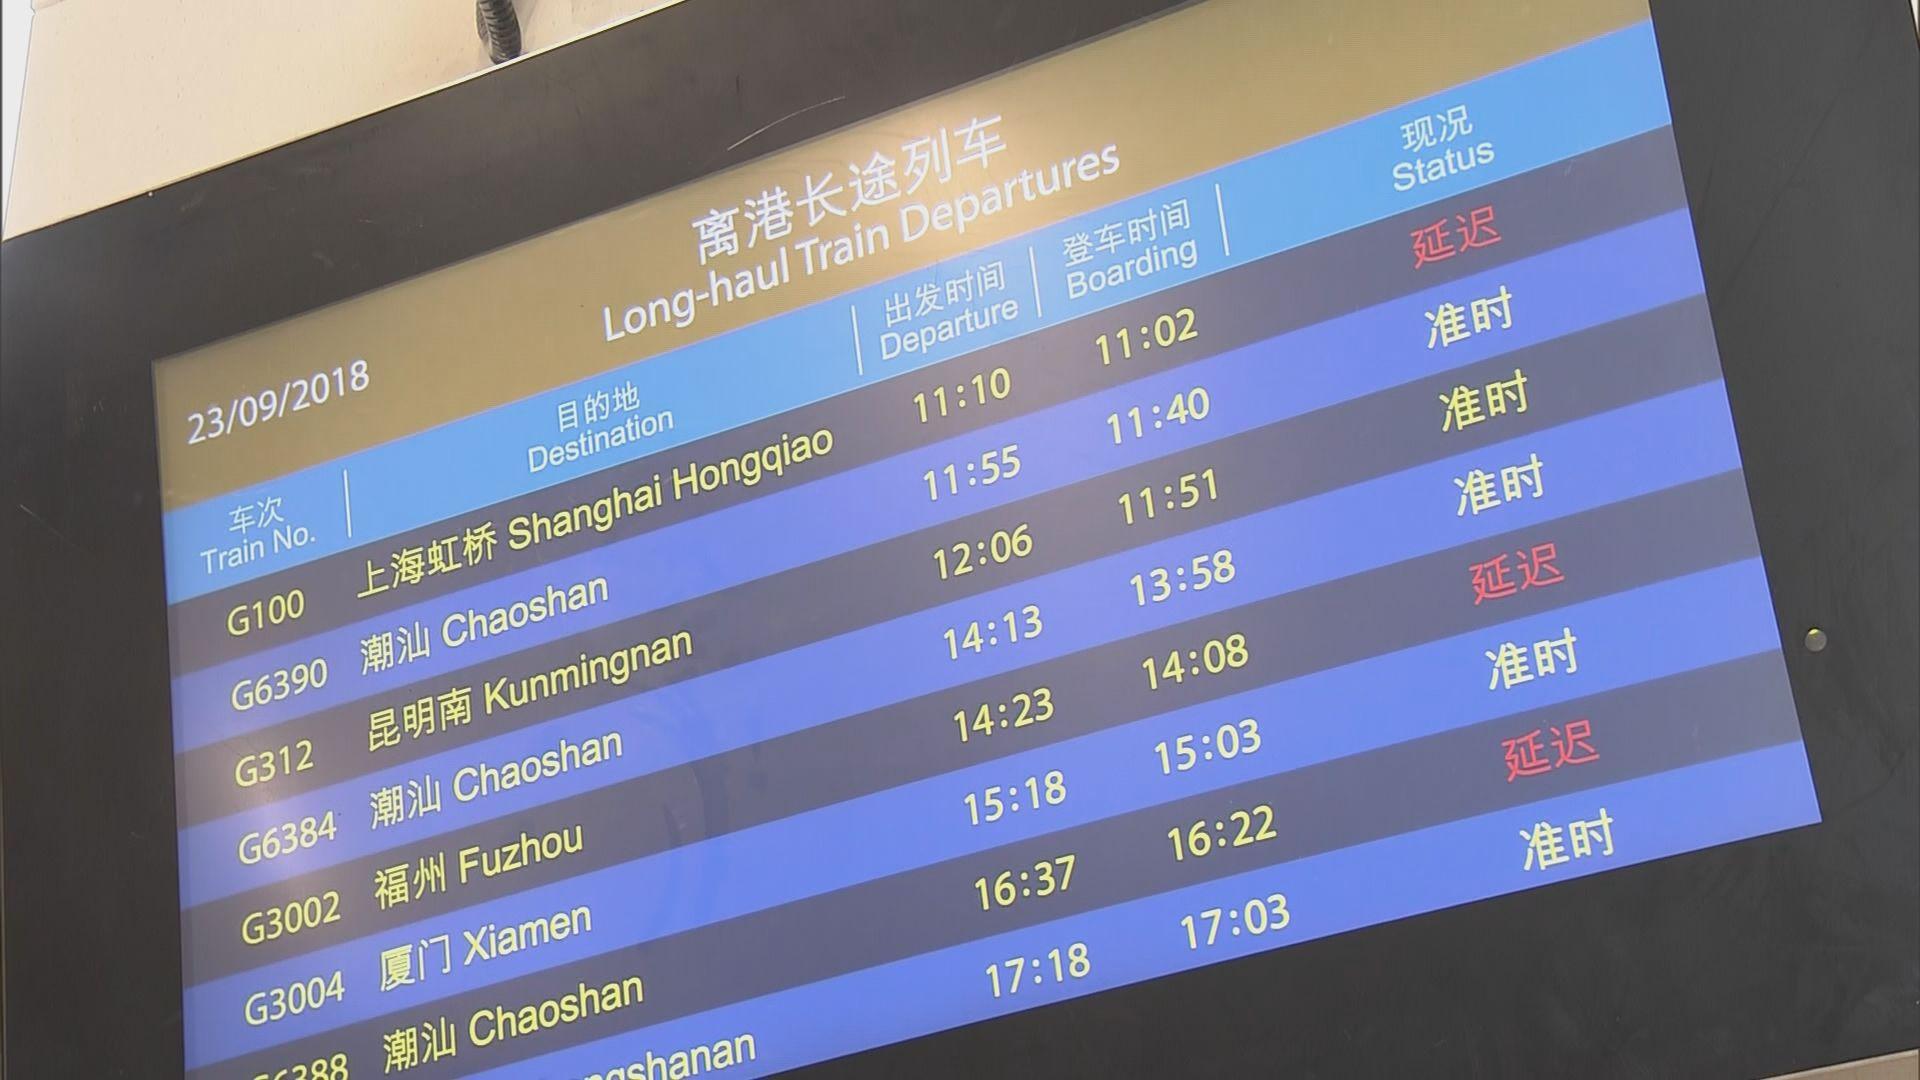 因廣州往虎門大雨 部分高鐵列車延誤